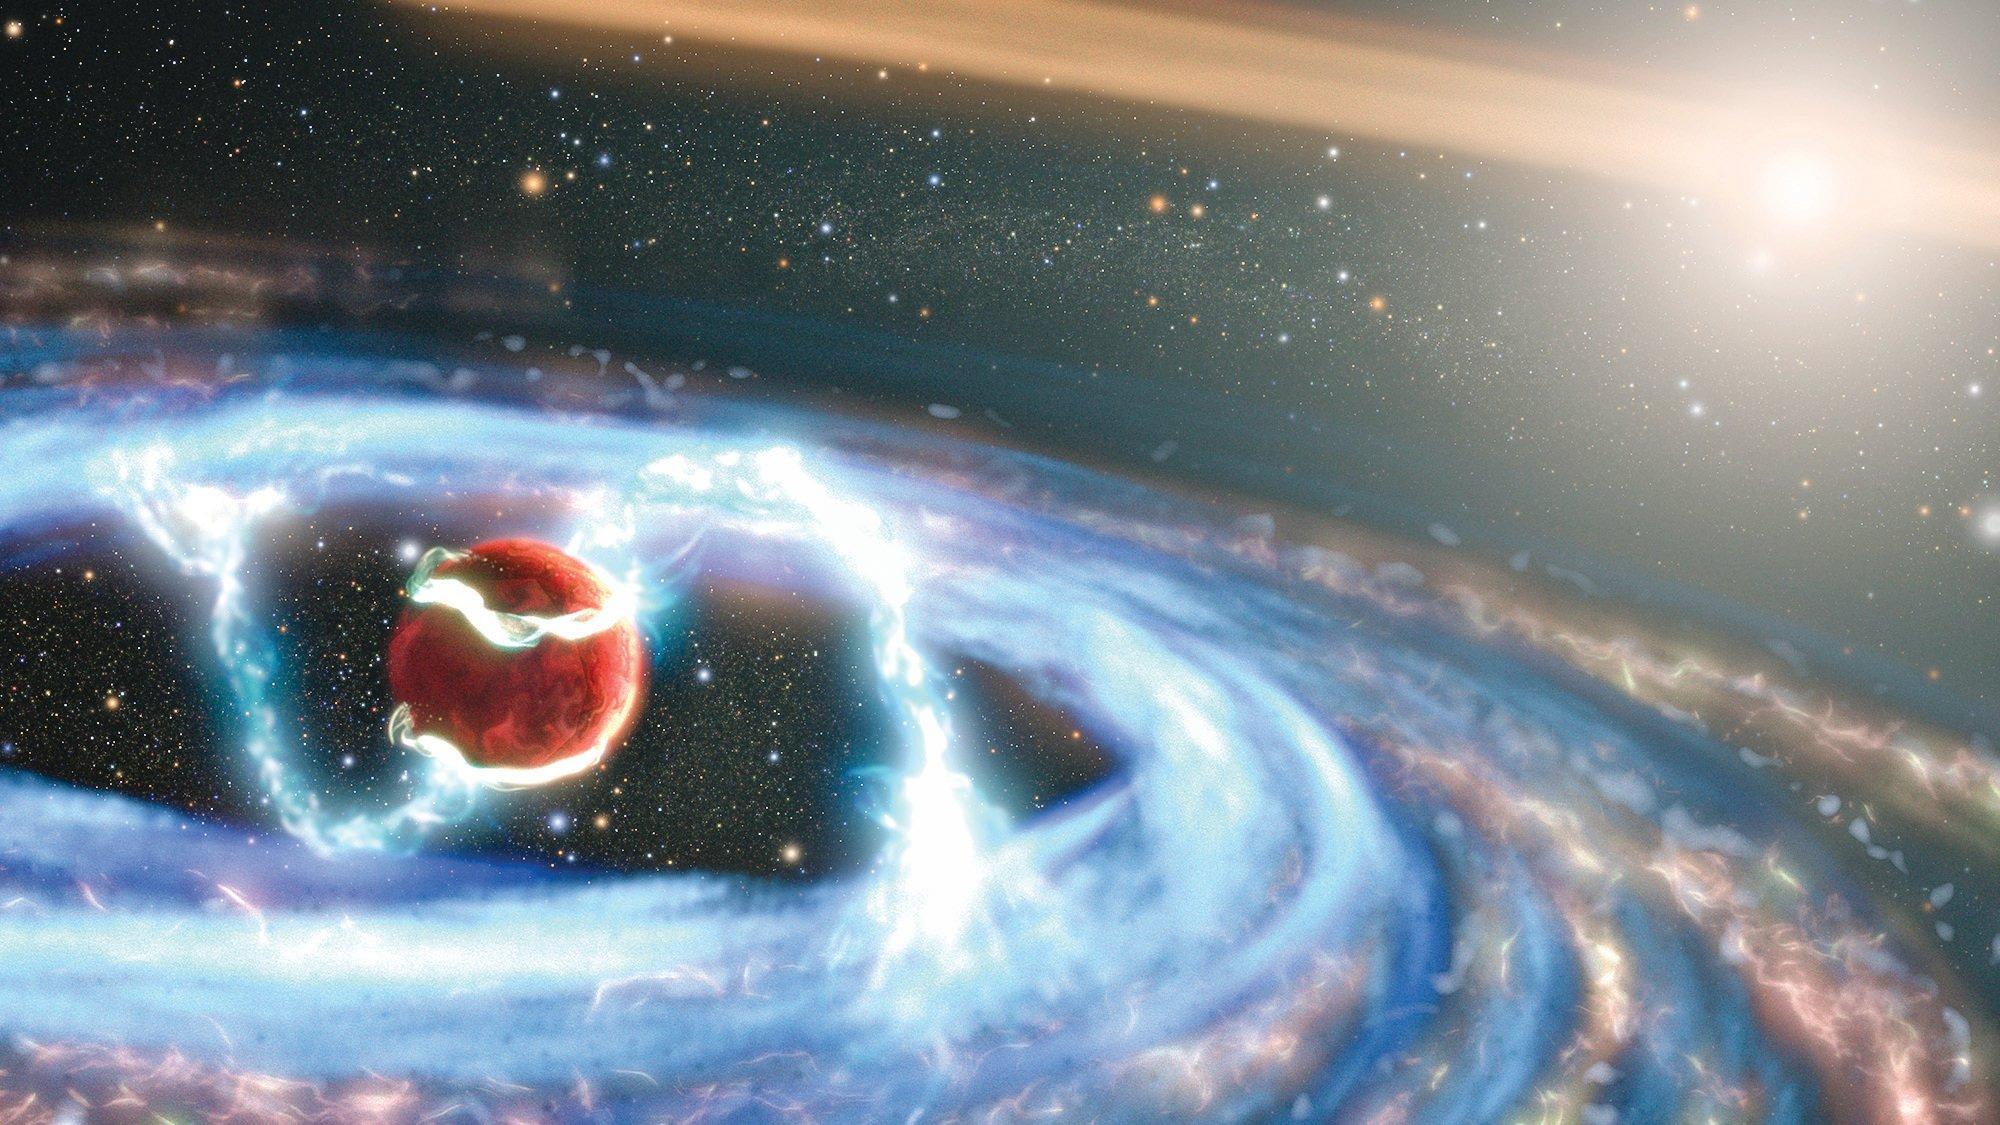 美國國家航天局的哈勃太空望遠鏡最近捕獲了一個難得一見的天文事件,一個大約木星大小、仍在形成的行星,它在吸取一顆年輕恆星周圍的物質。(NASA, ESA, STScI, Joseph Olmsted)